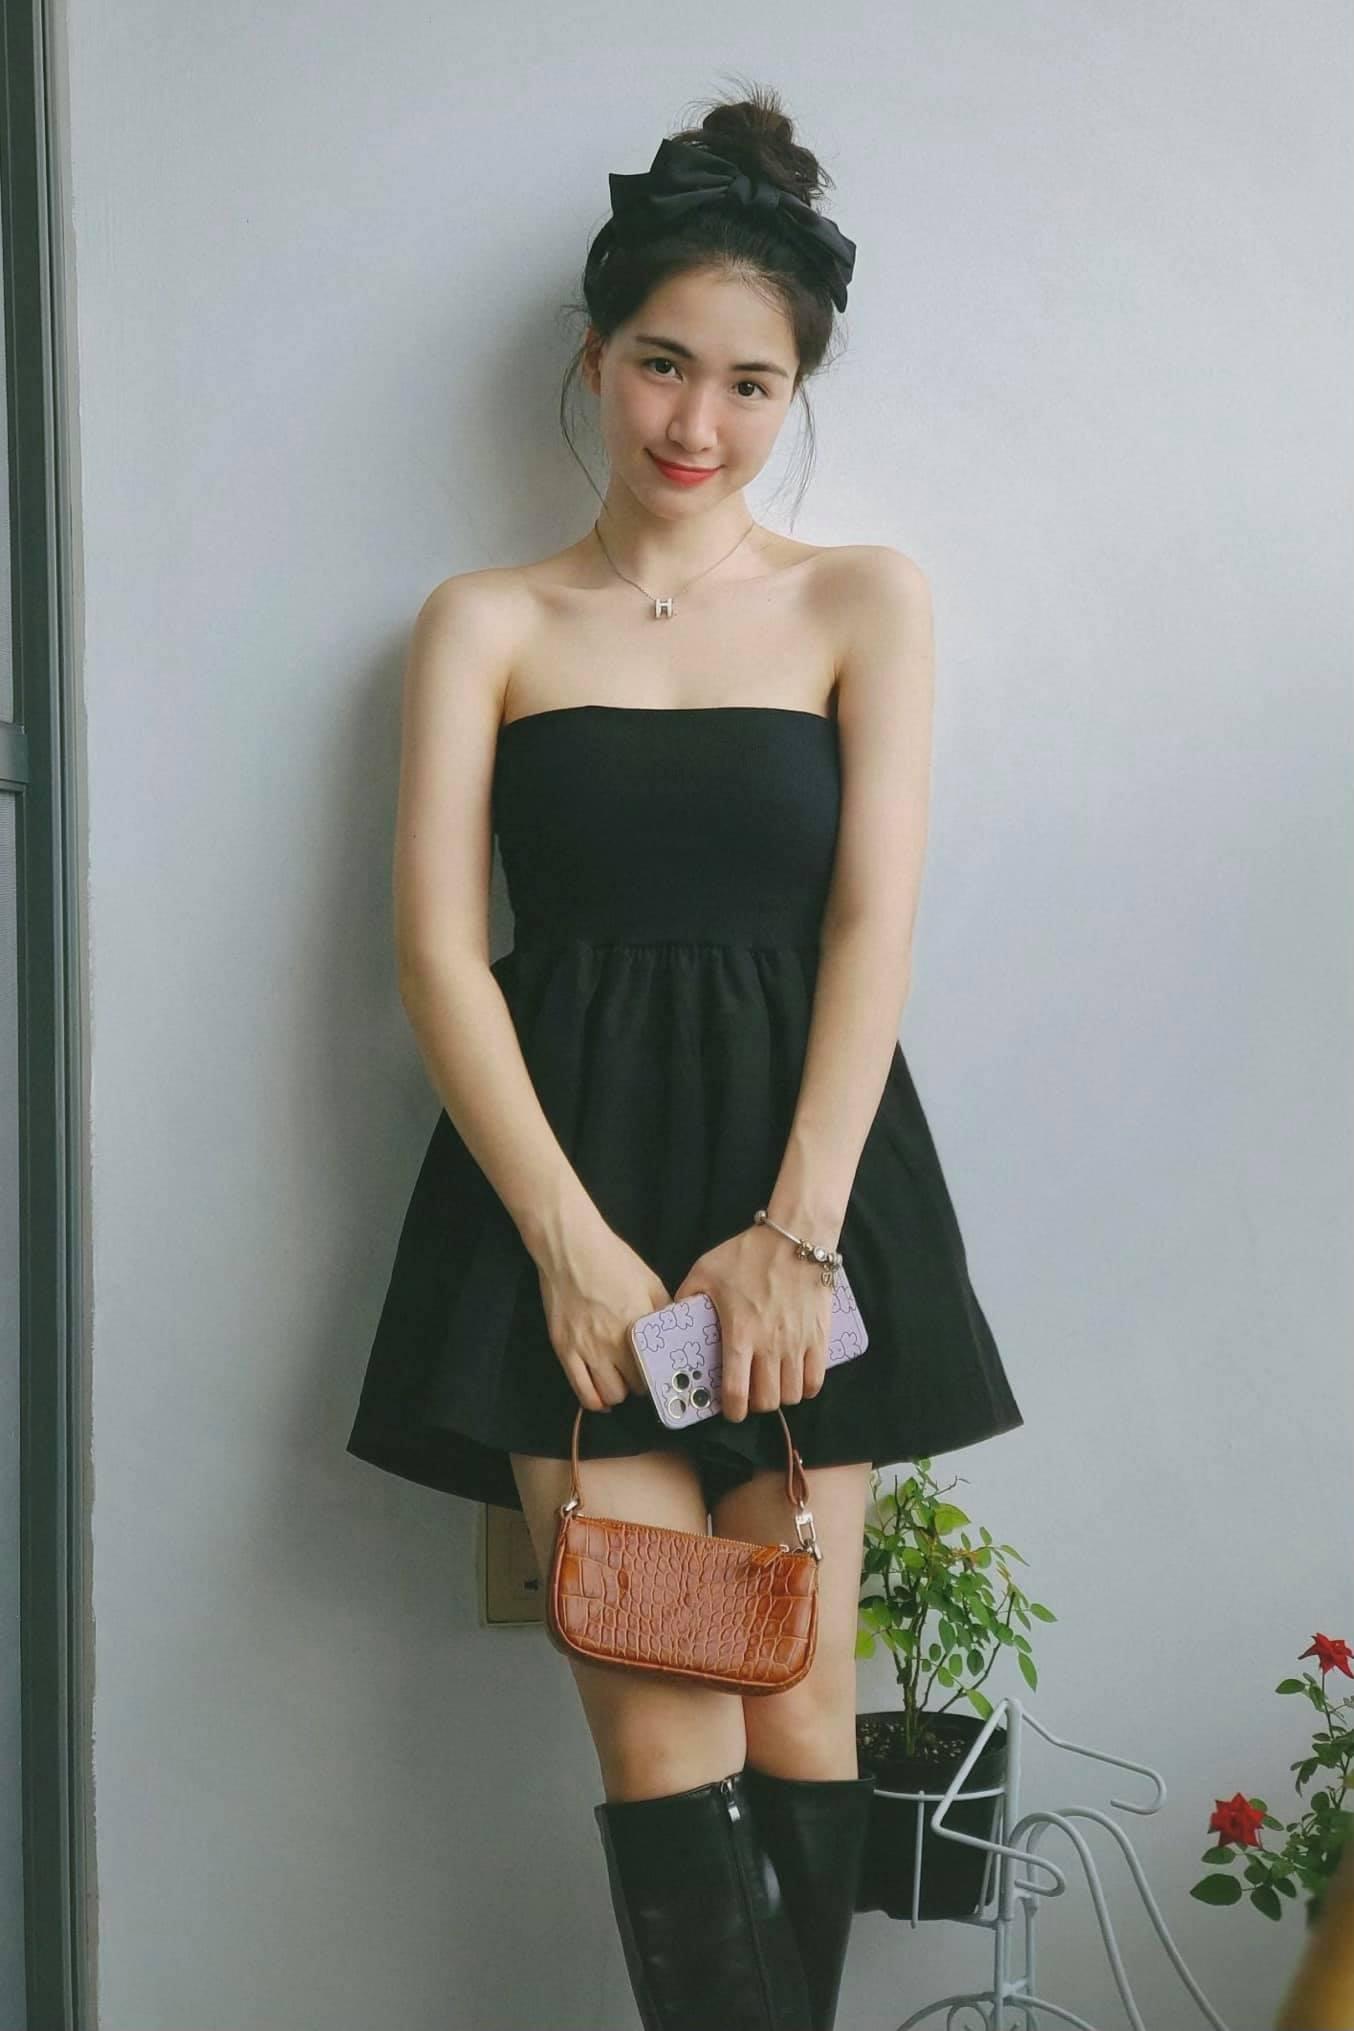 Hòa Minzy khoe vai trần mong manh với bộ jumpsuit quây được cô mua với giá chỉ 160k. Gần đây, bà mẹ một con liên tục trổ tài phối đồ bình dân.